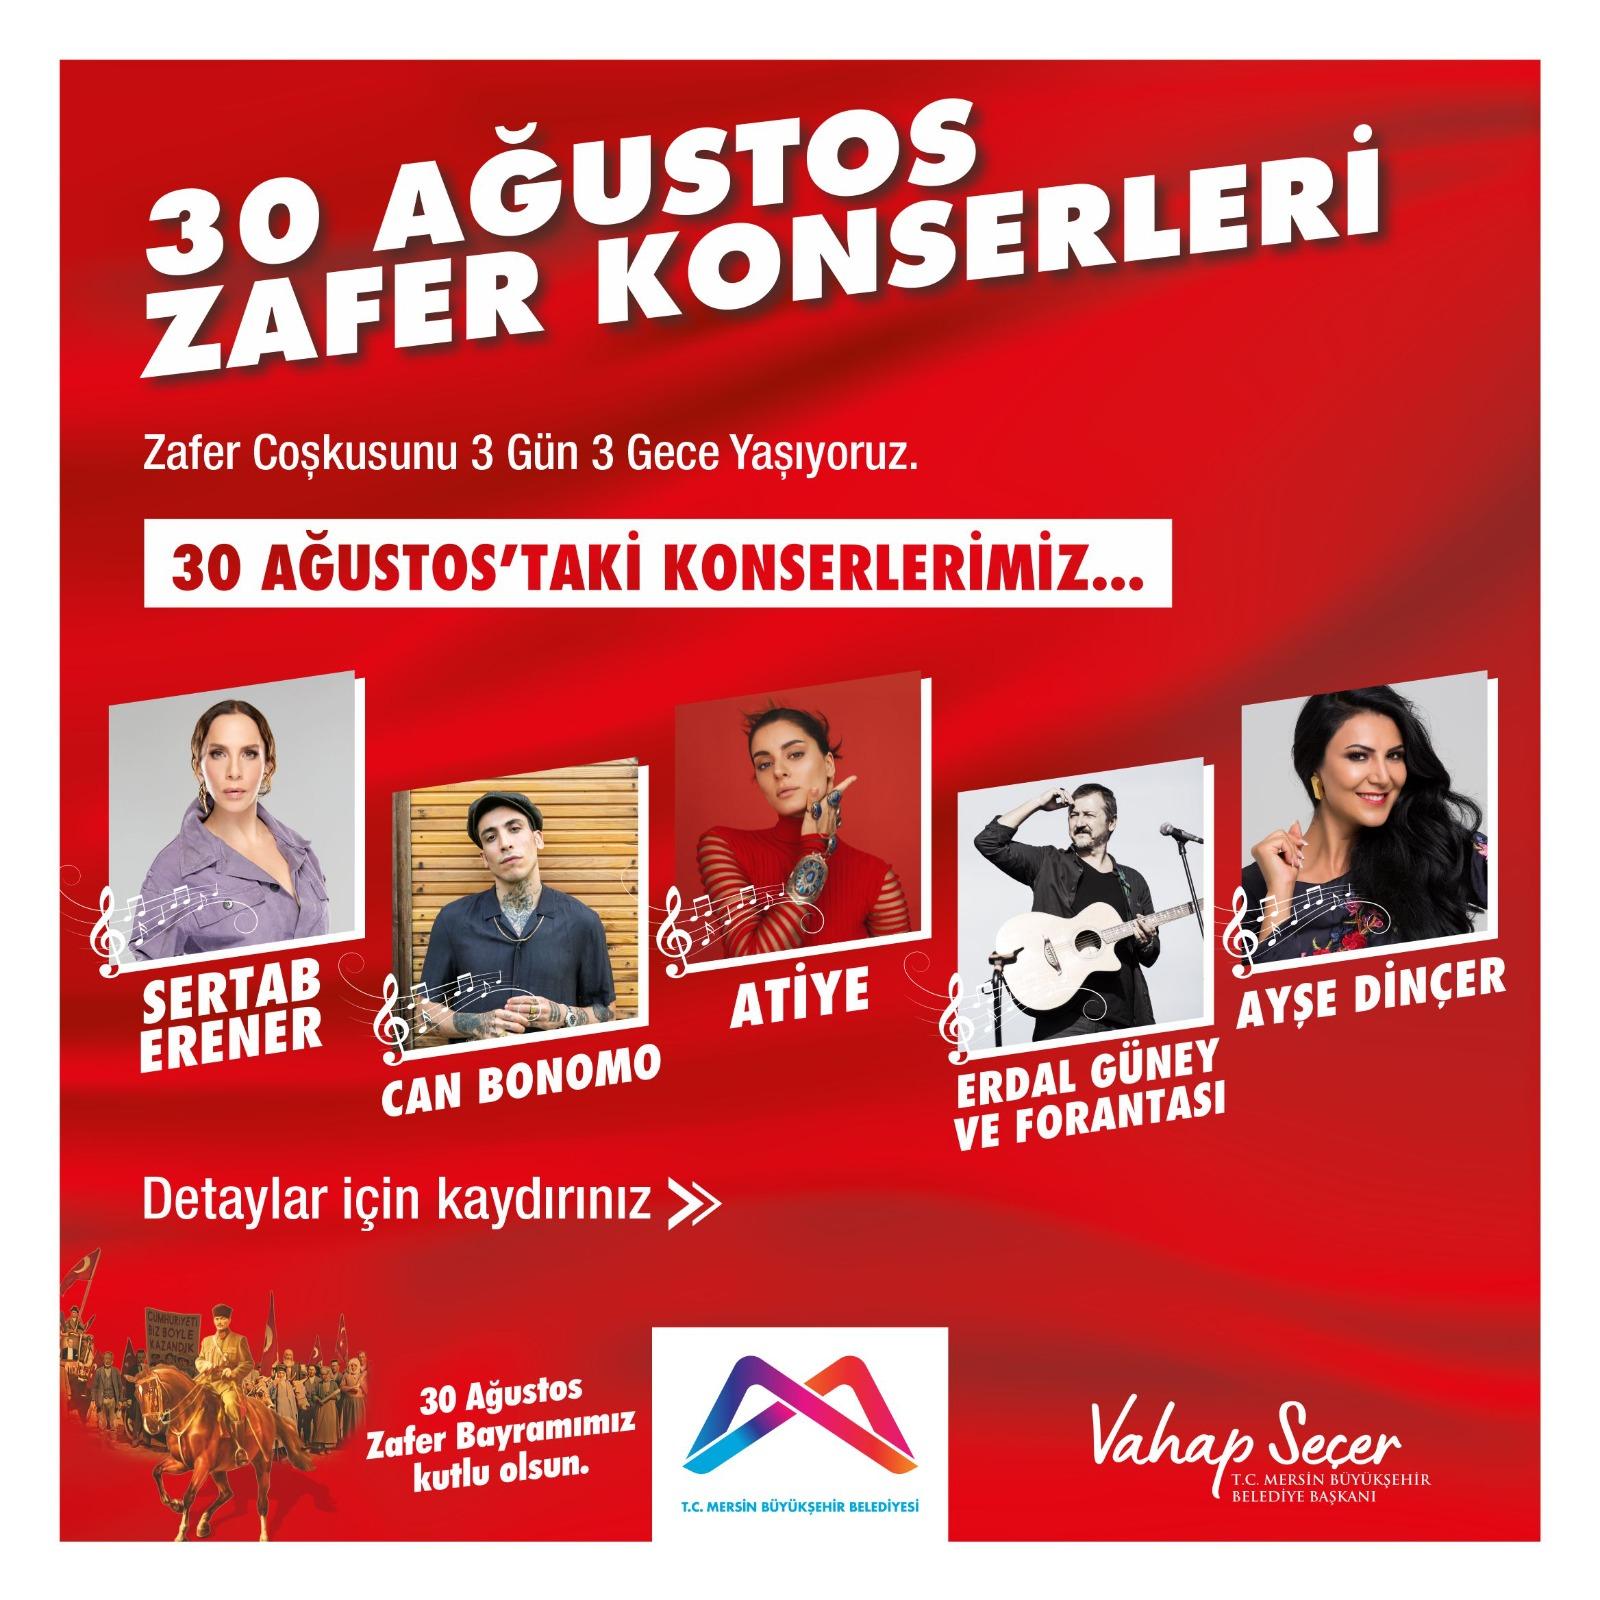 30 Ağustos Zafer Coşkusu Mersin'in Dört Bir Köşesinde Konserle İle Yaşanacak